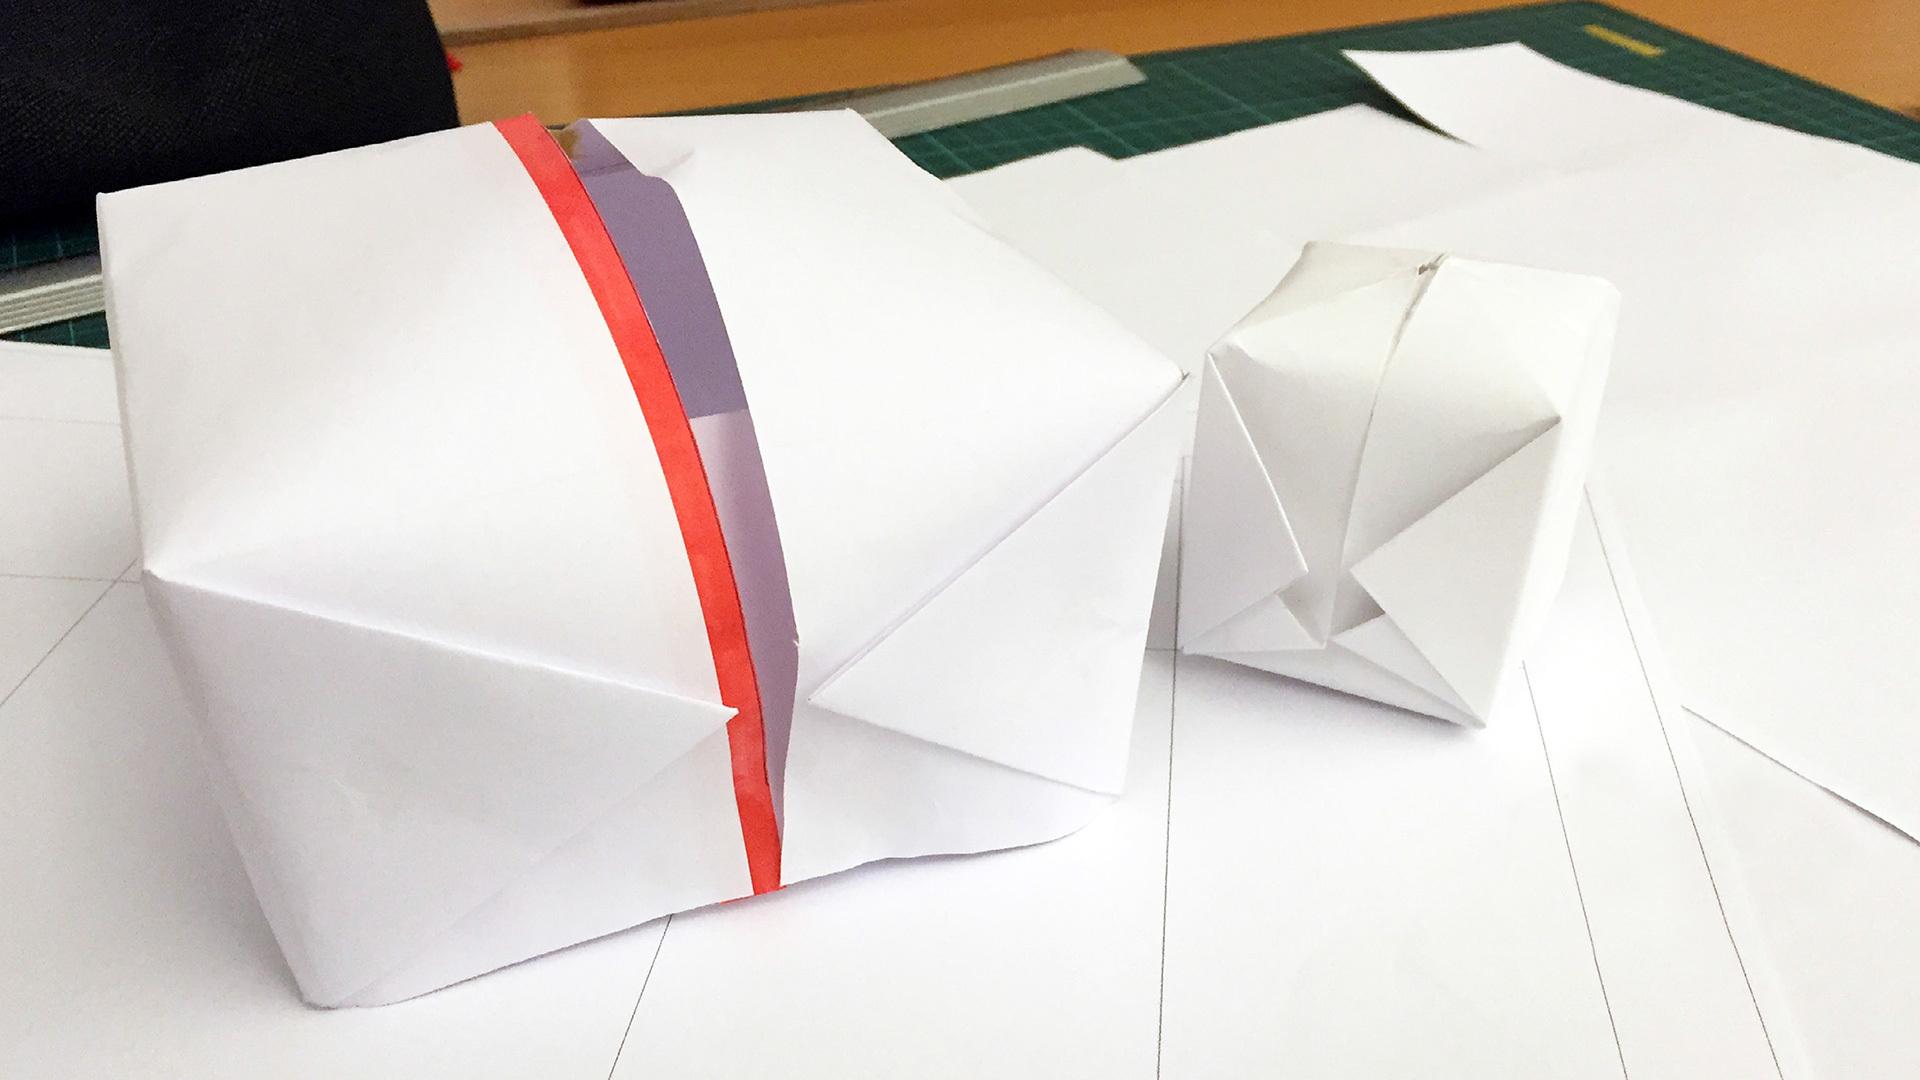 折纸气球灵感,找回遗忘的天真